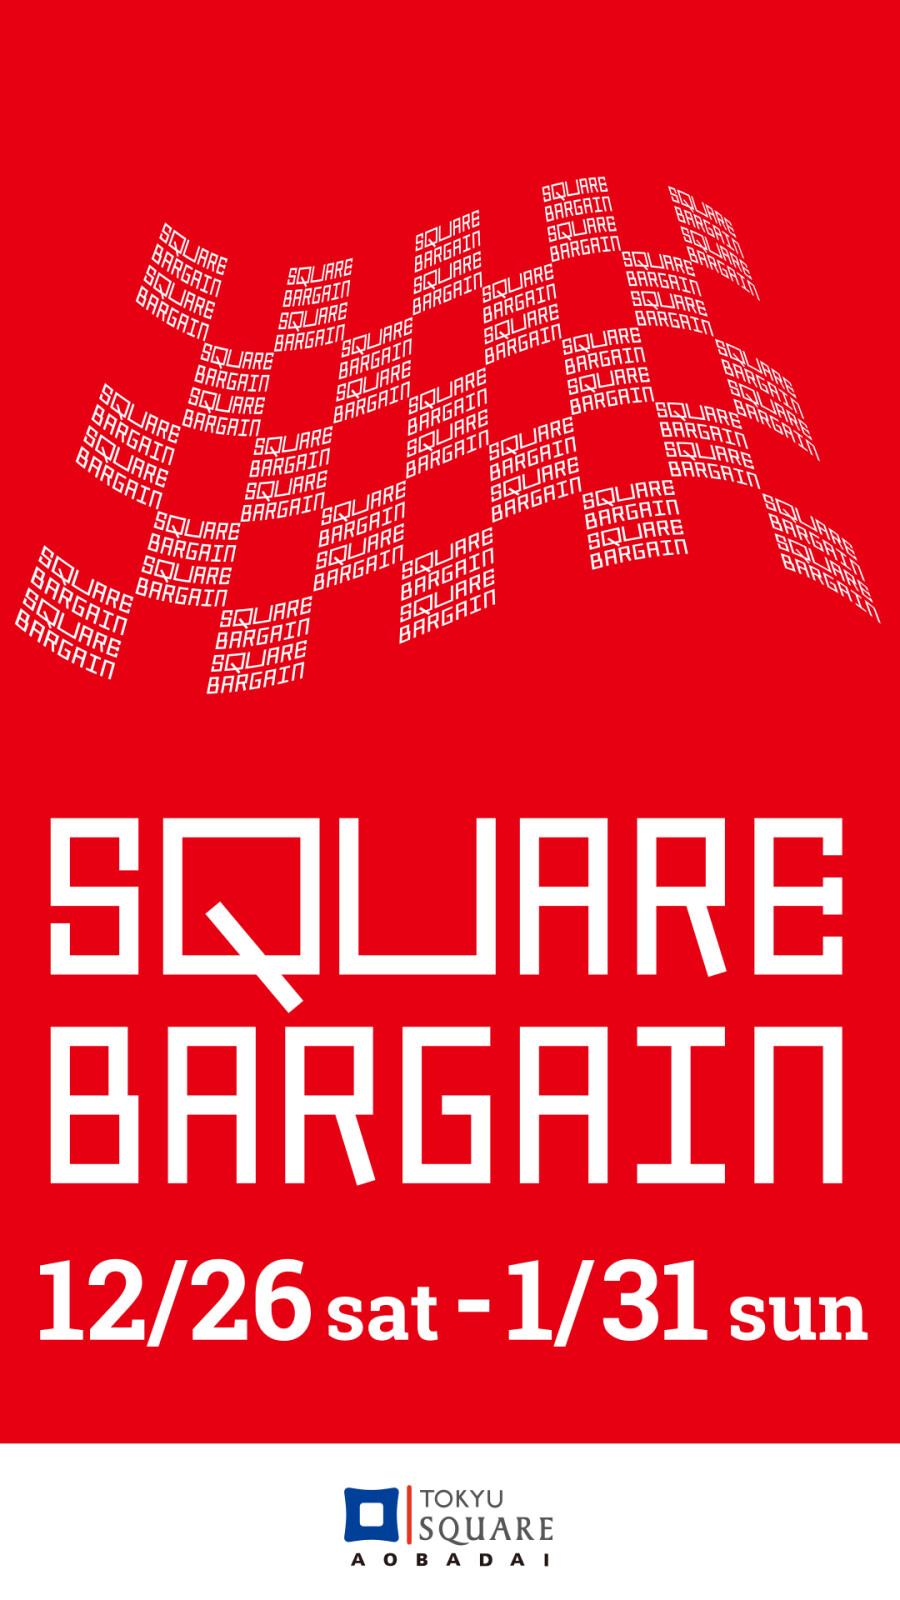 SQUARE BARGAIN(12/26-1/31)